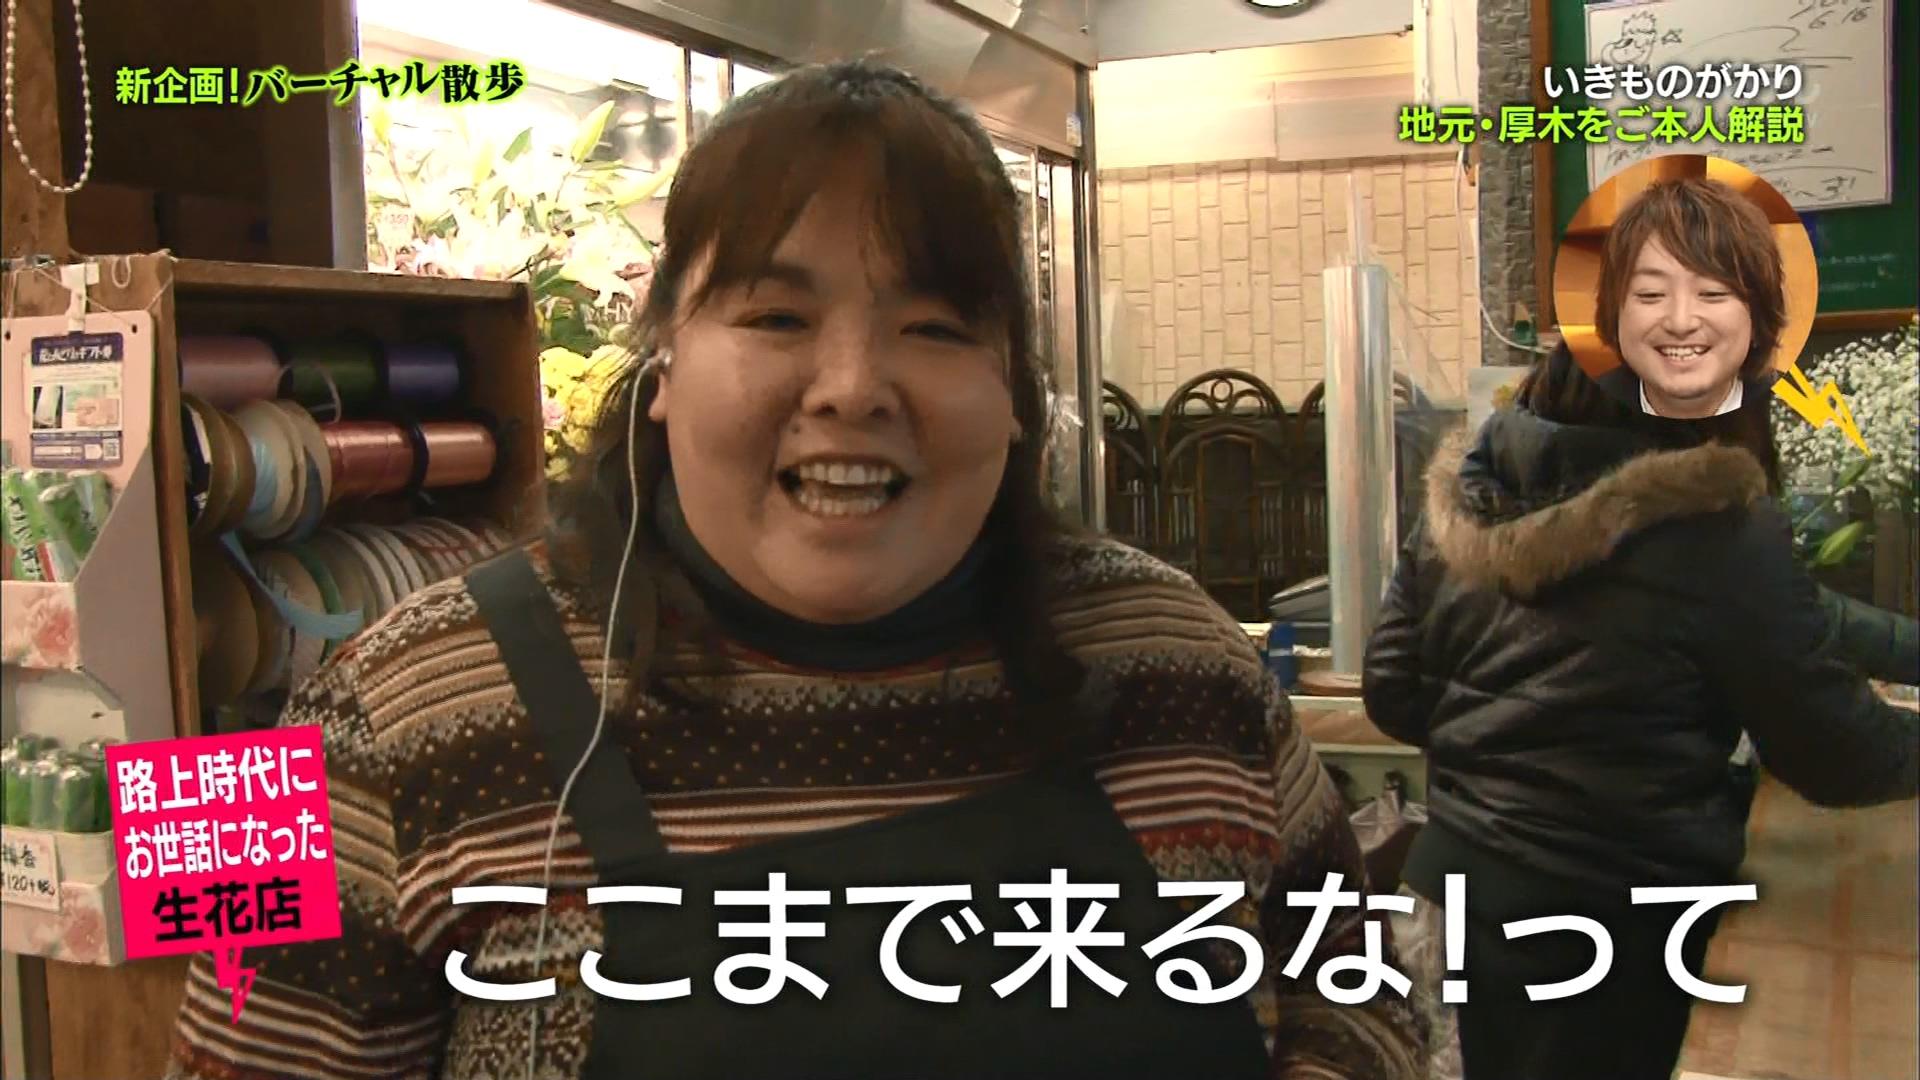 2016.03.11 全場(バズリズム).ts_20160312_025031.446